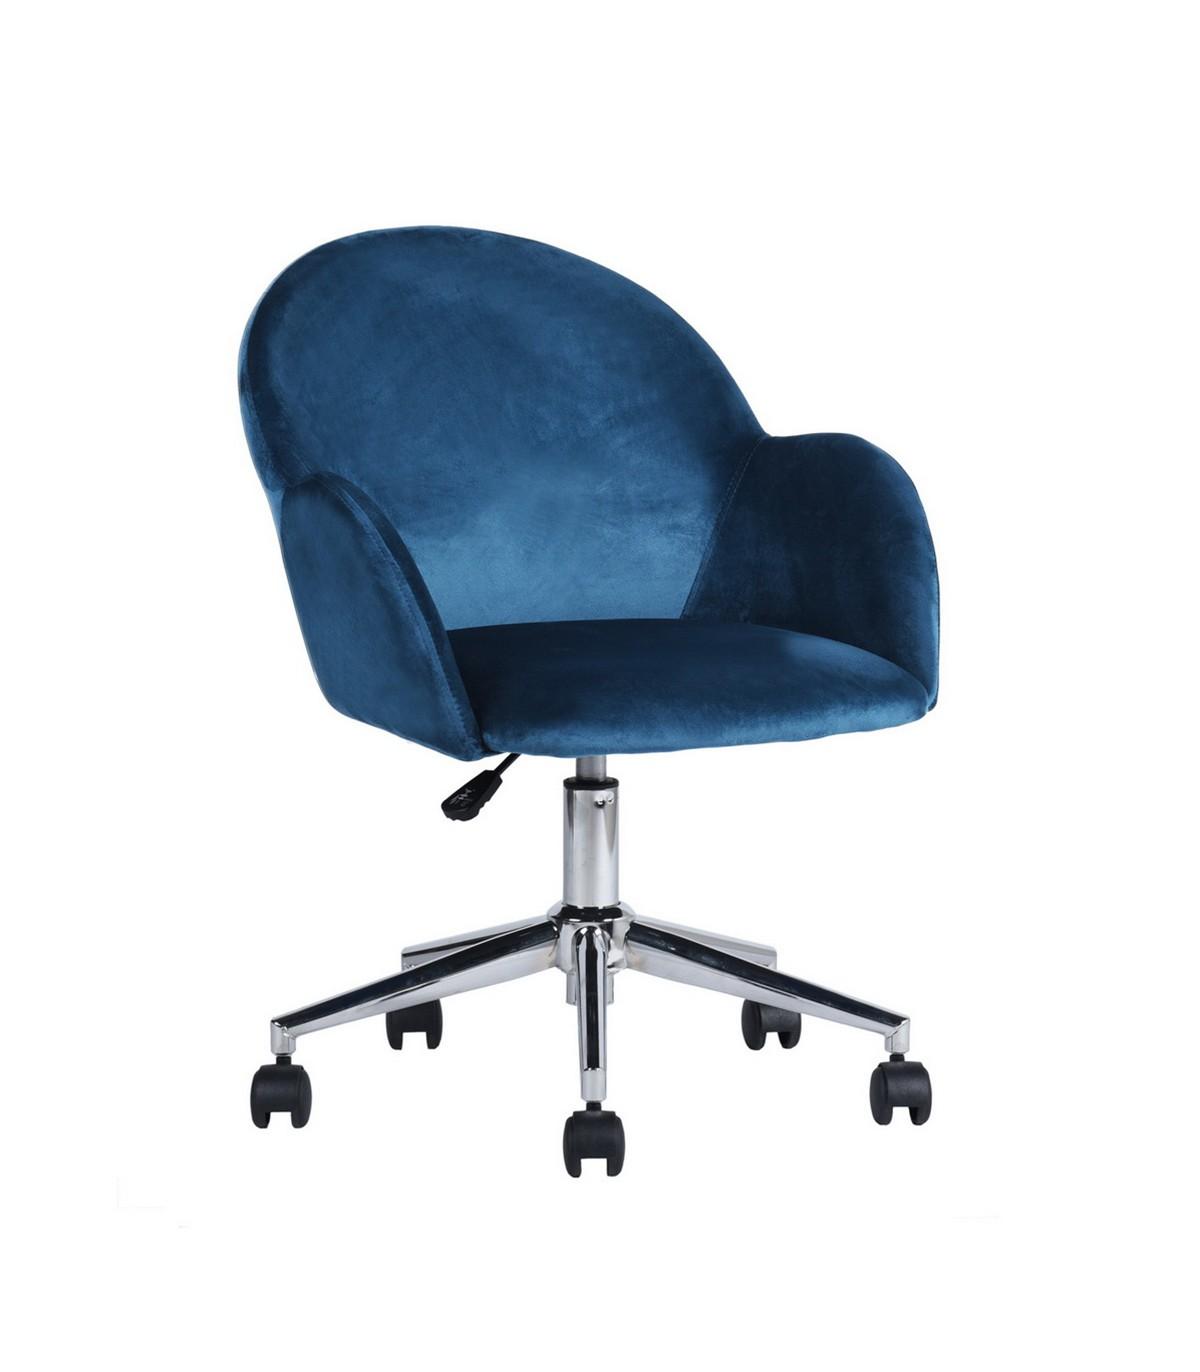 Chaise de bureau à roulettes avec accoudoirs - Bleu